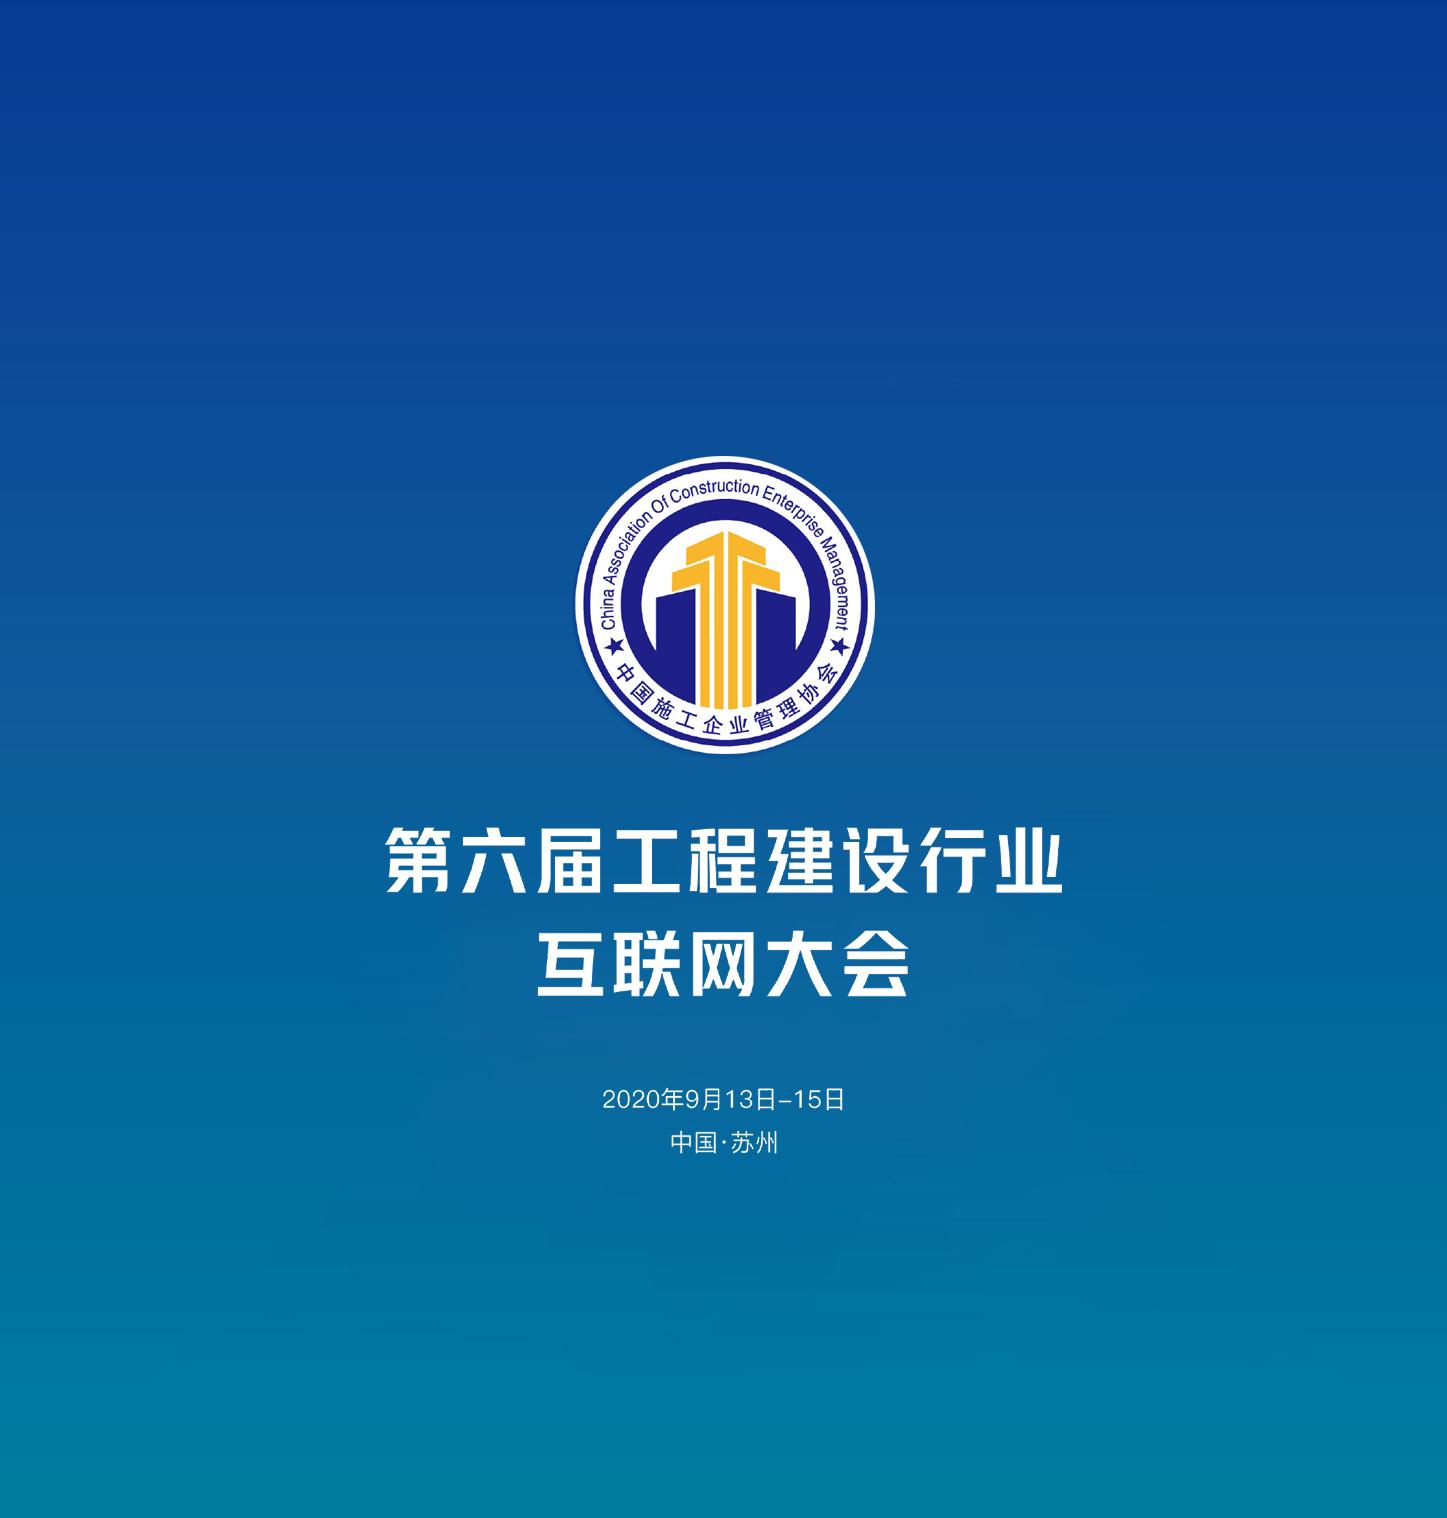 【直播预告】第六届工程建设行业互联网大会9.13即将开幕!